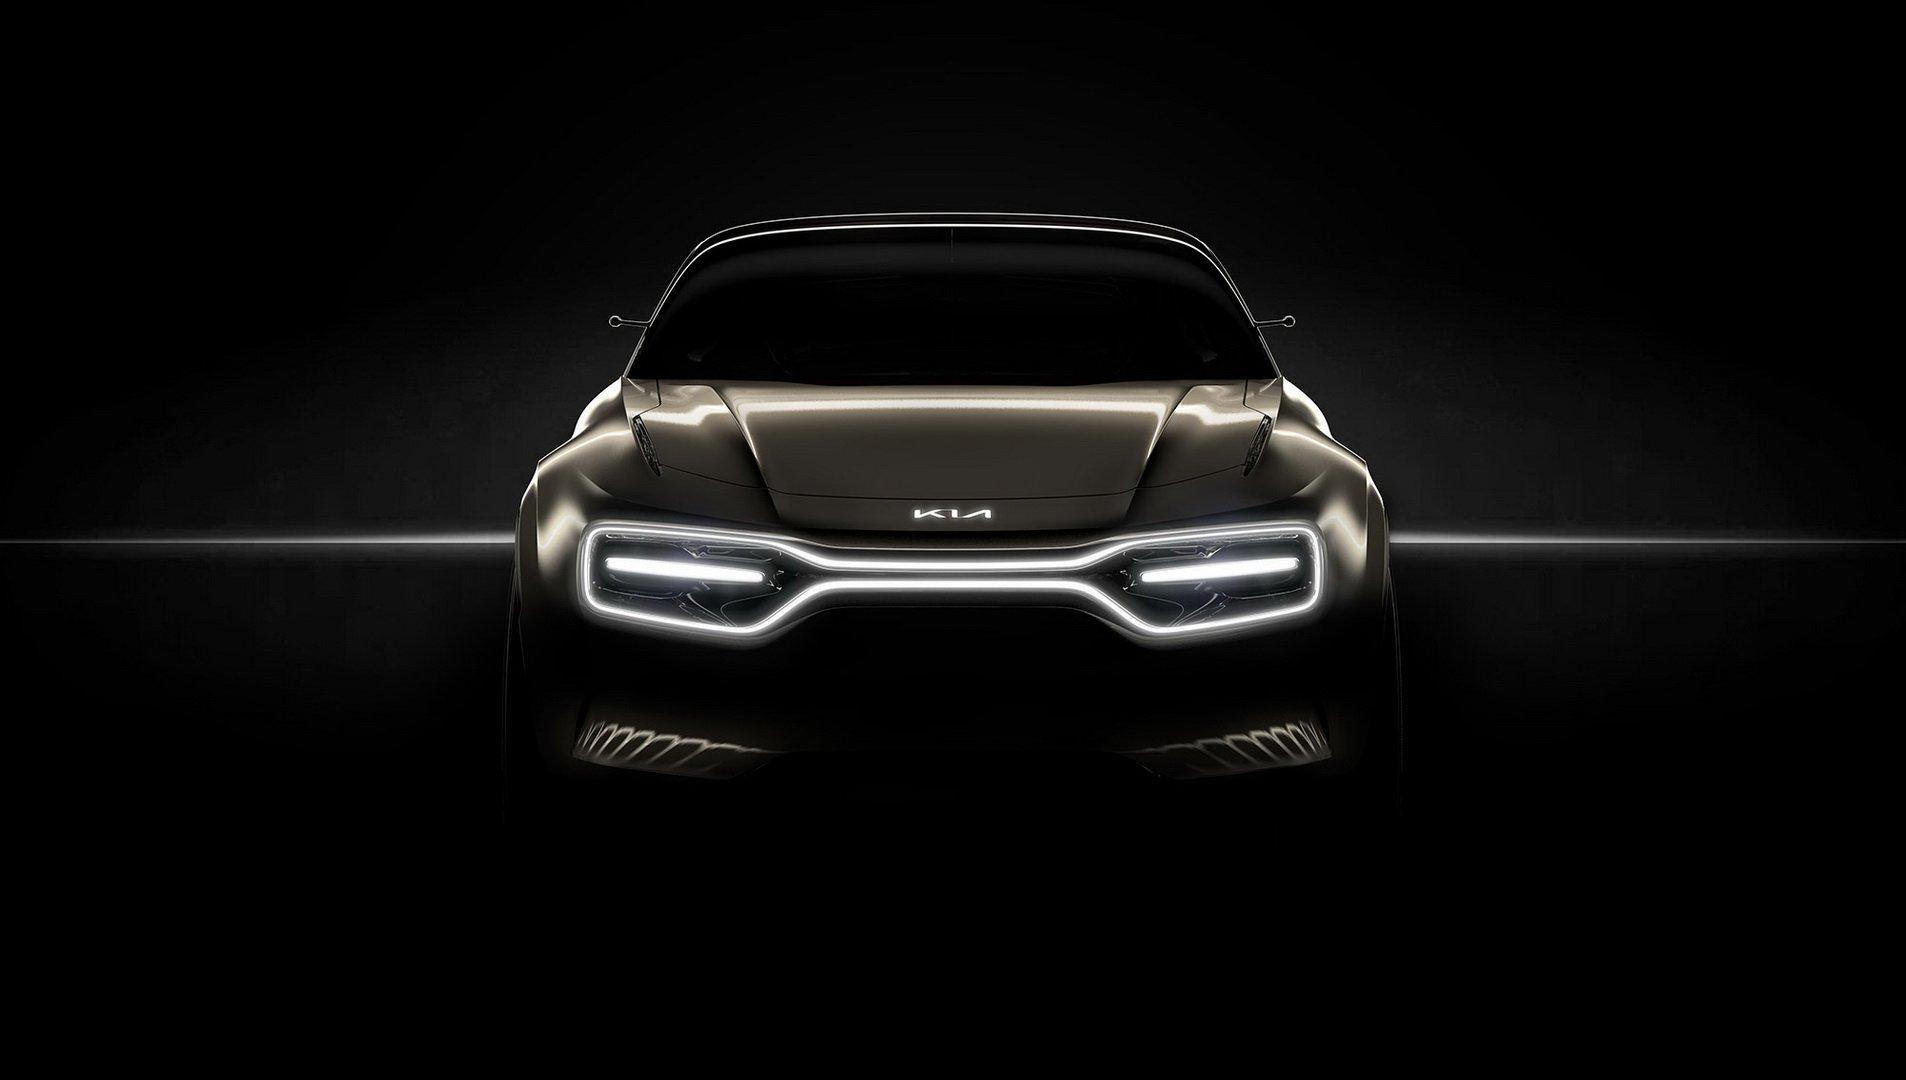 ea6077a7-2019-kia-electric-concept-2